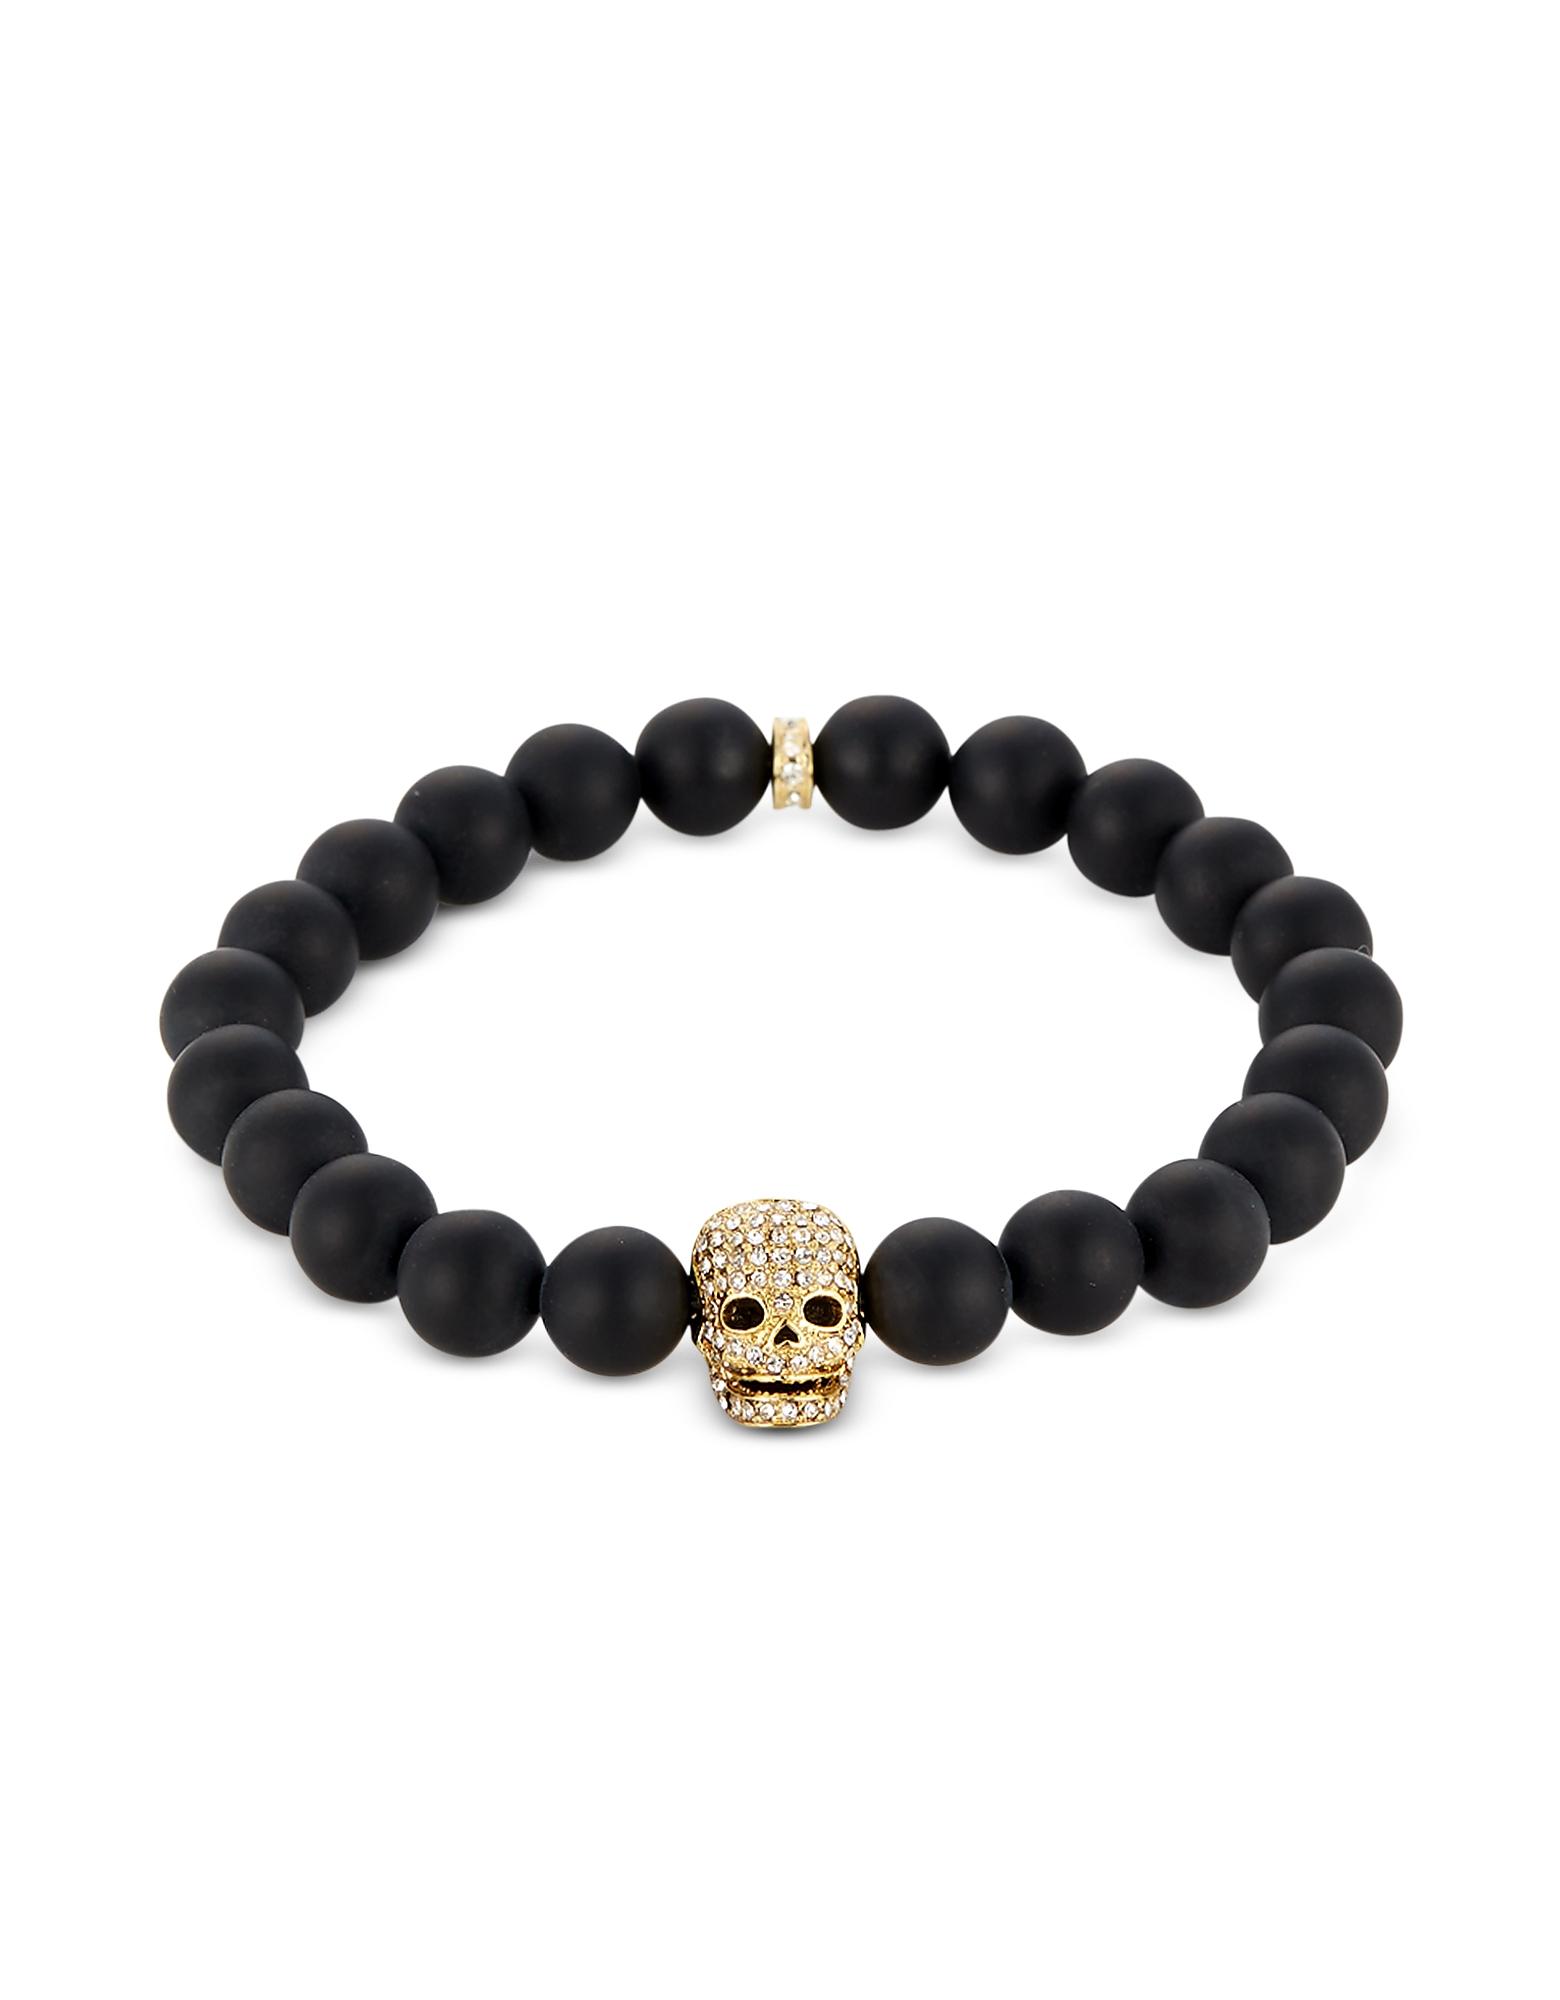 Matte Black Onyx/Gold Skull Bracelet with Crystals